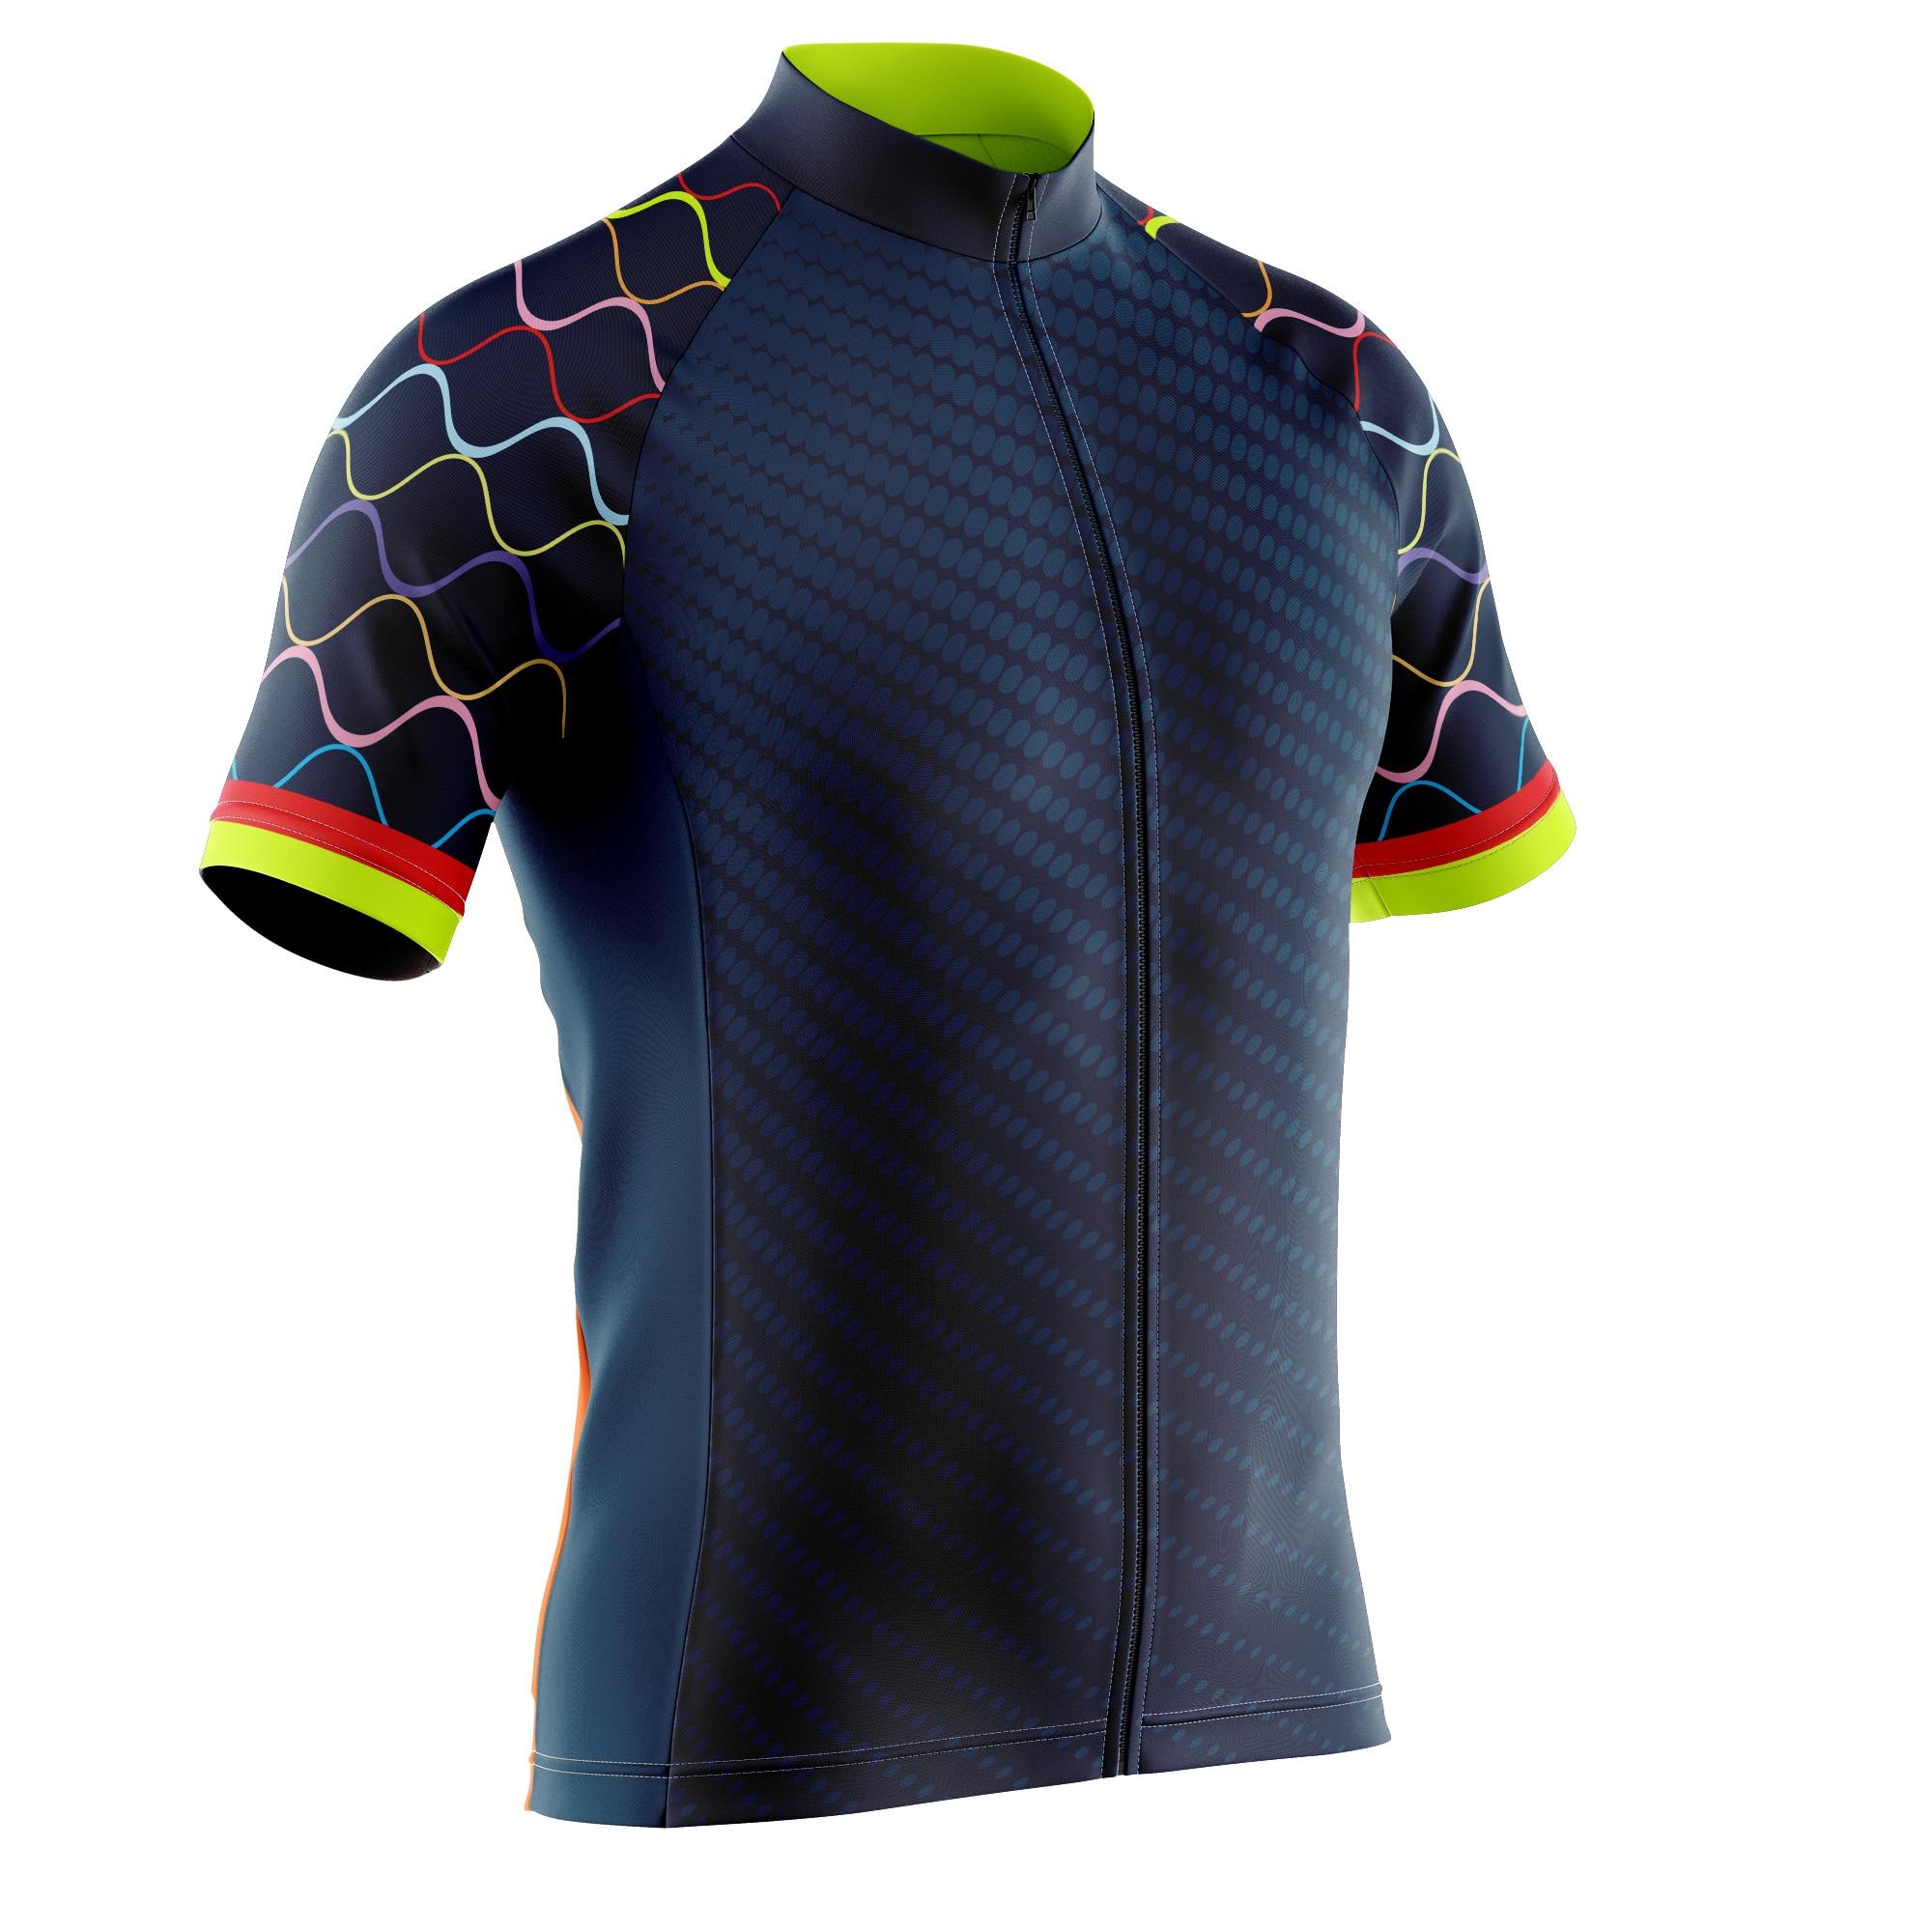 2021 جديد وصول برو فريق الرجال الدراجات جيرسي دراجة الدراجات الملابس أعلى جودة دورة دراجة ملابس رياضية روبا Ciclismo ل الجبلية